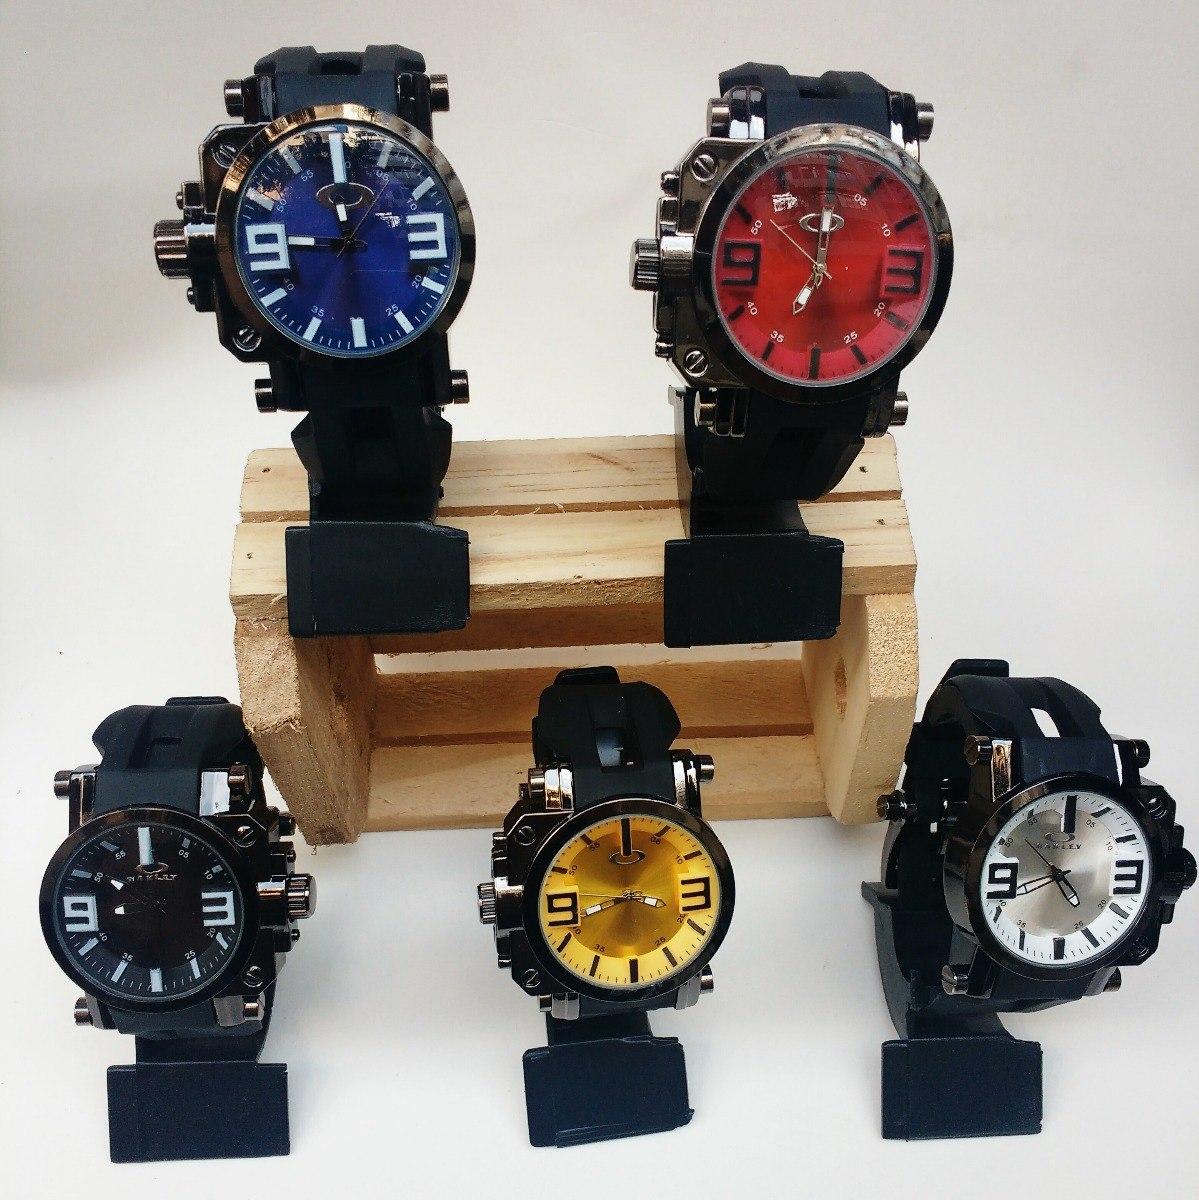 5666e068c3b Relogio Masculino Oakley Gearbox Titanium Kit Com 2 Relogios - R  79 ...